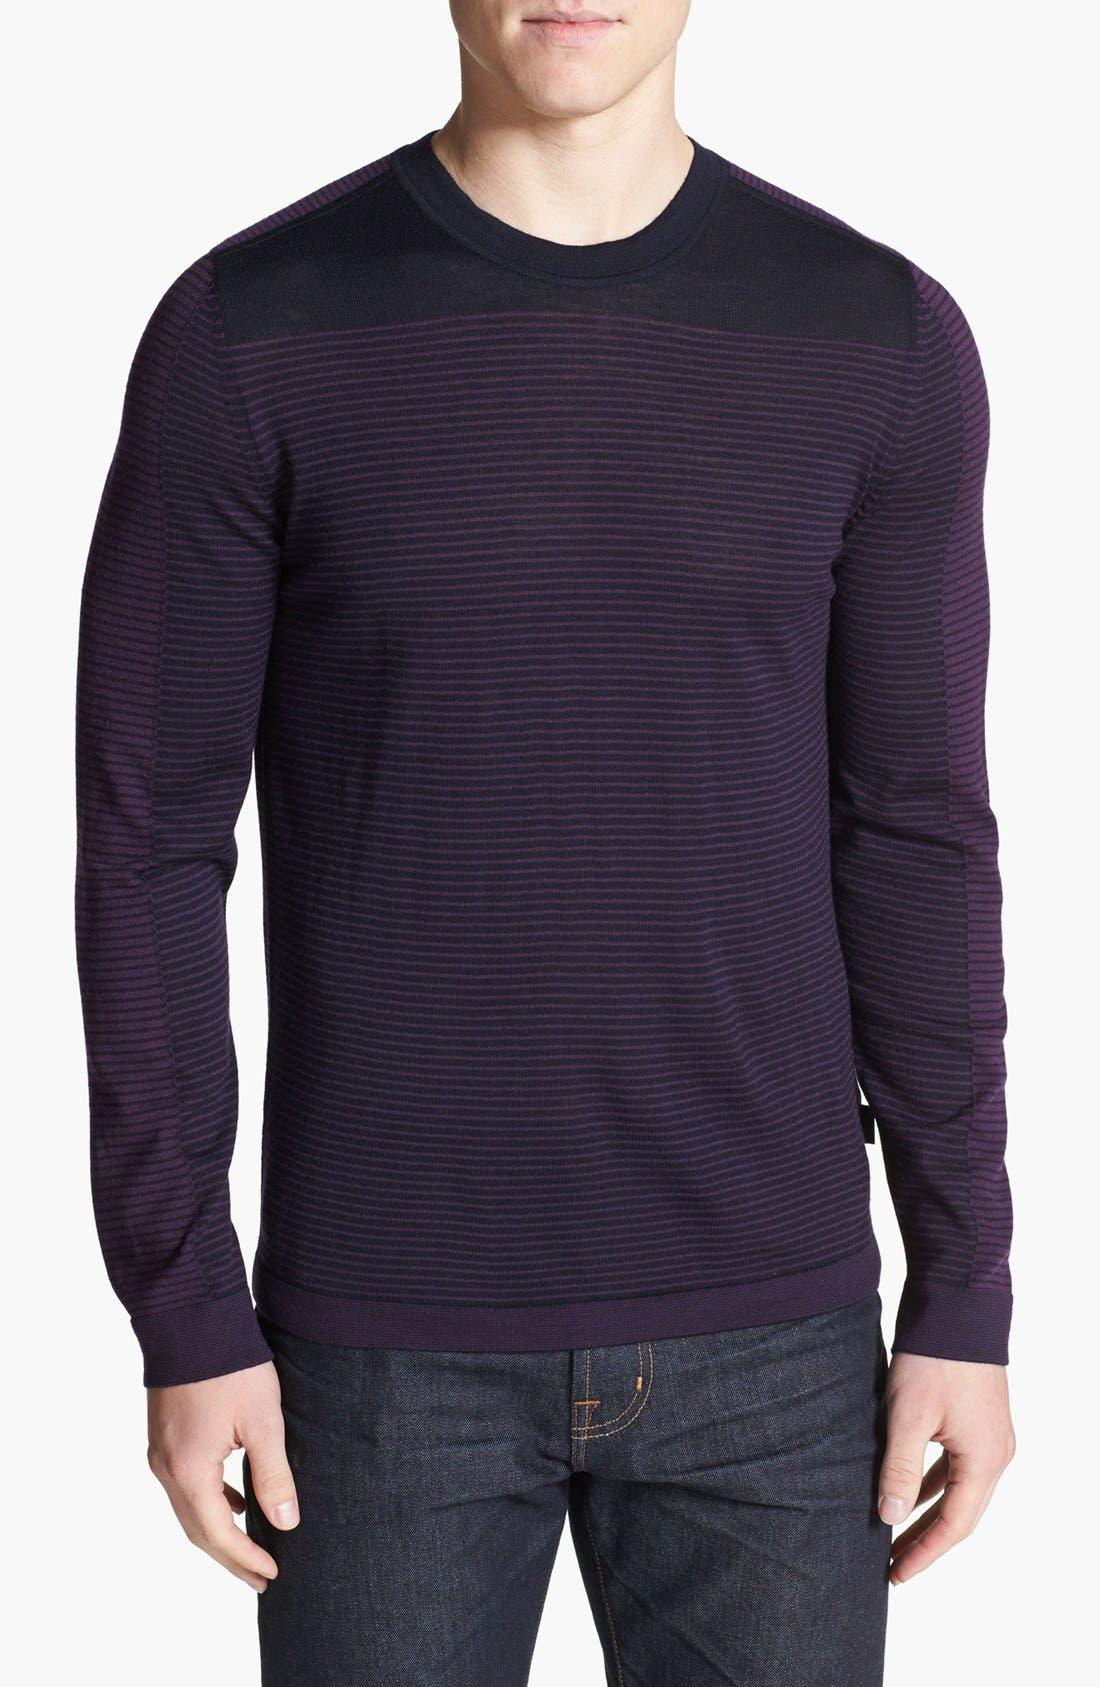 Main Image - BOSS HUGO BOSS 'Merro' Merino Wool Sweater